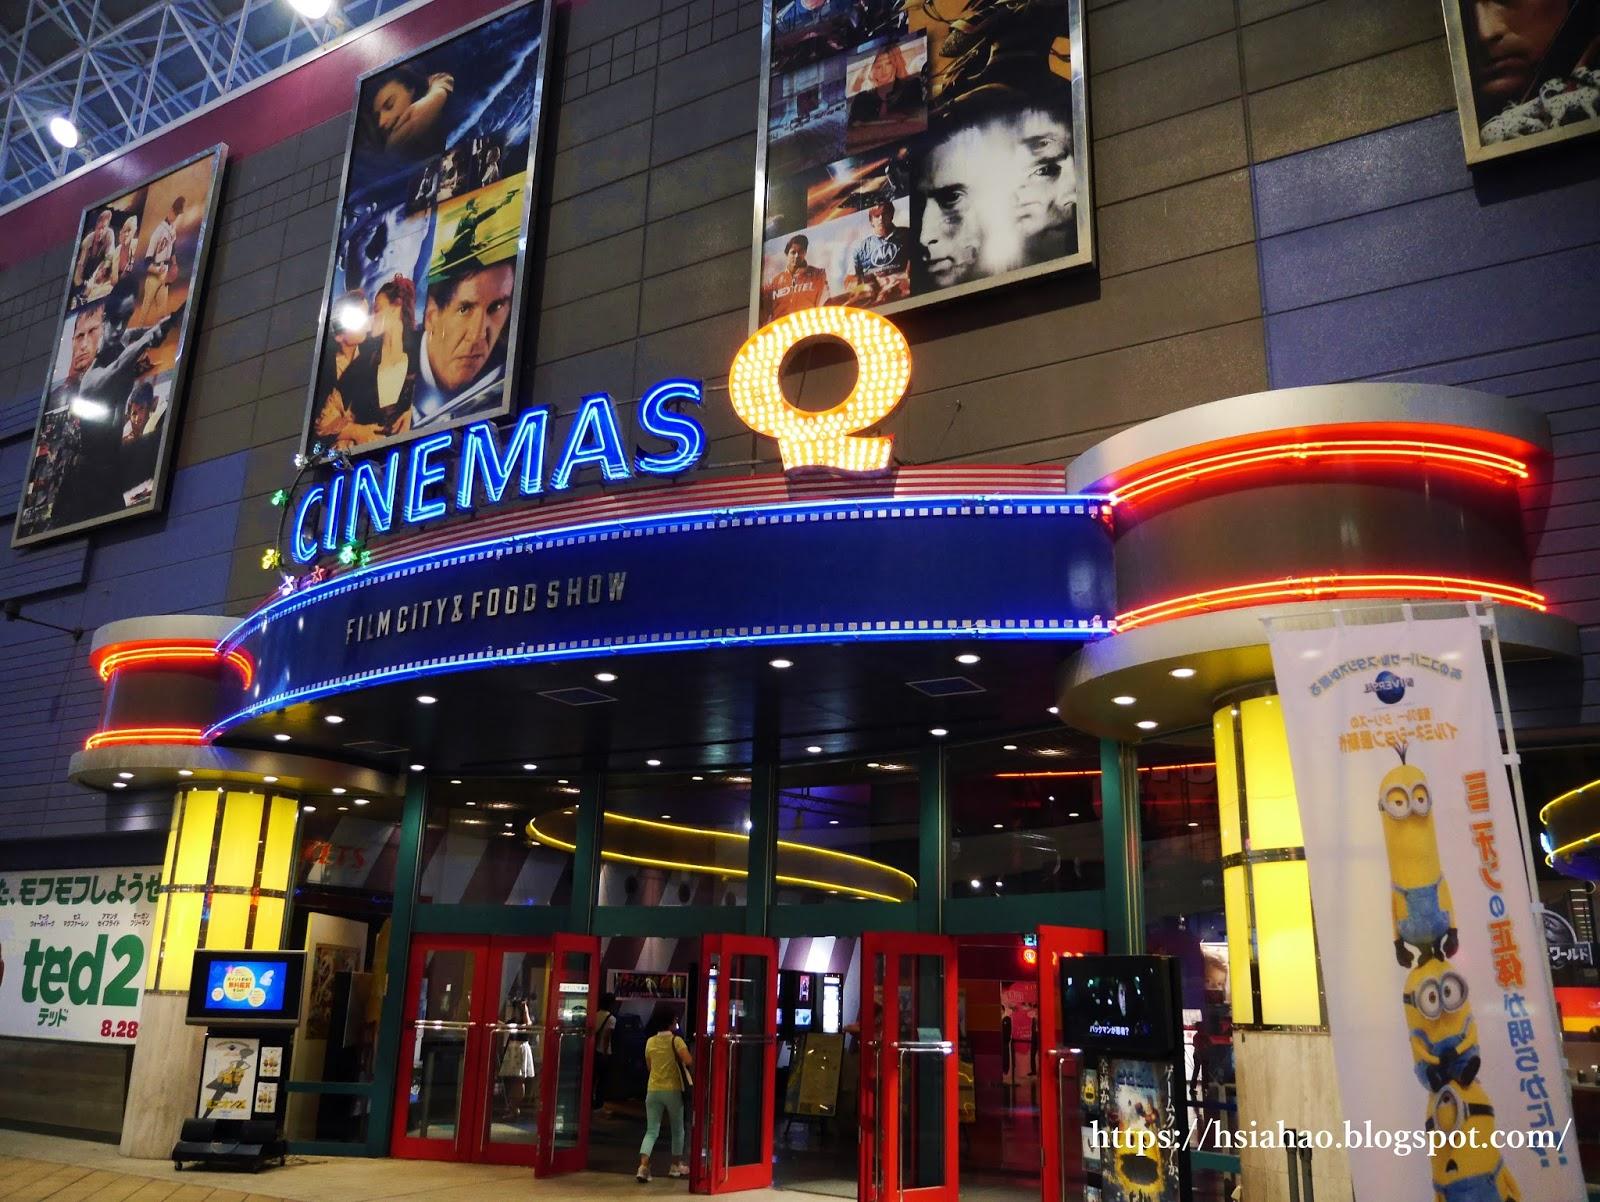 沖繩-景點-推薦-那霸-Naha-Main-Place-電影院-那覇メインプレイス-自由行-旅遊-Okinawa-cinema